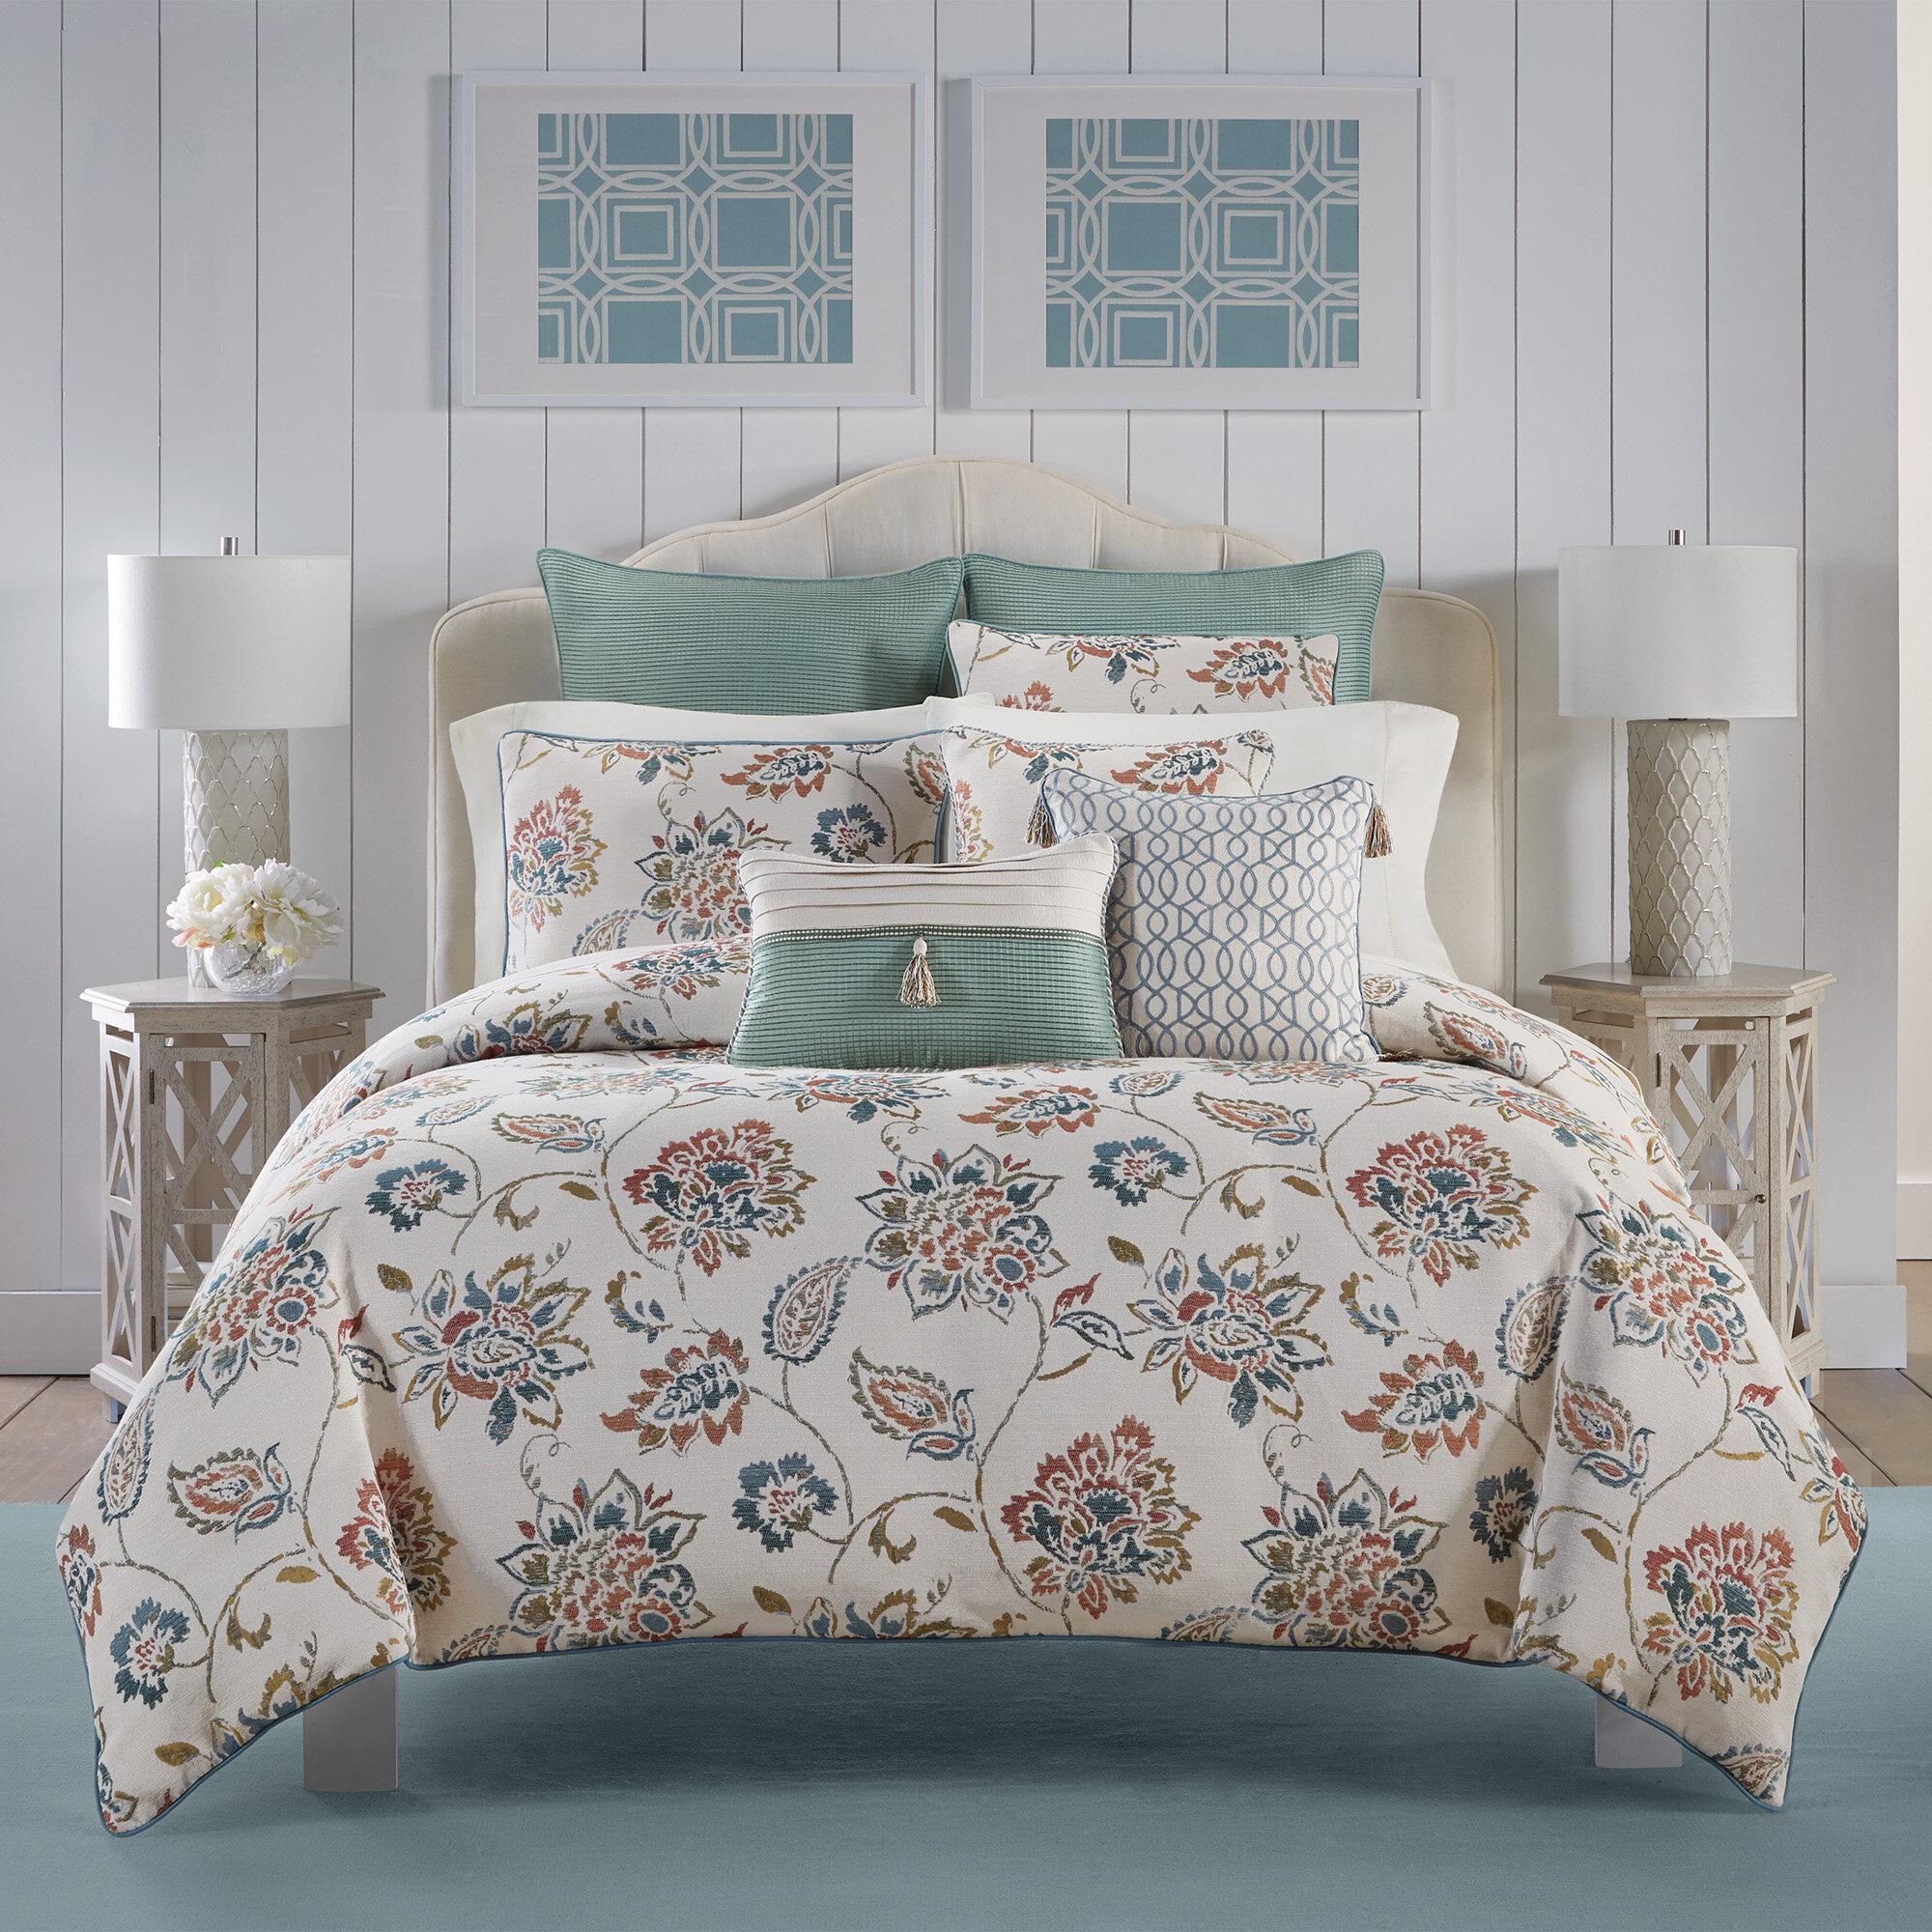 Croscill Beckett 3 Piece Comforter Set & Reviews   Wayfair